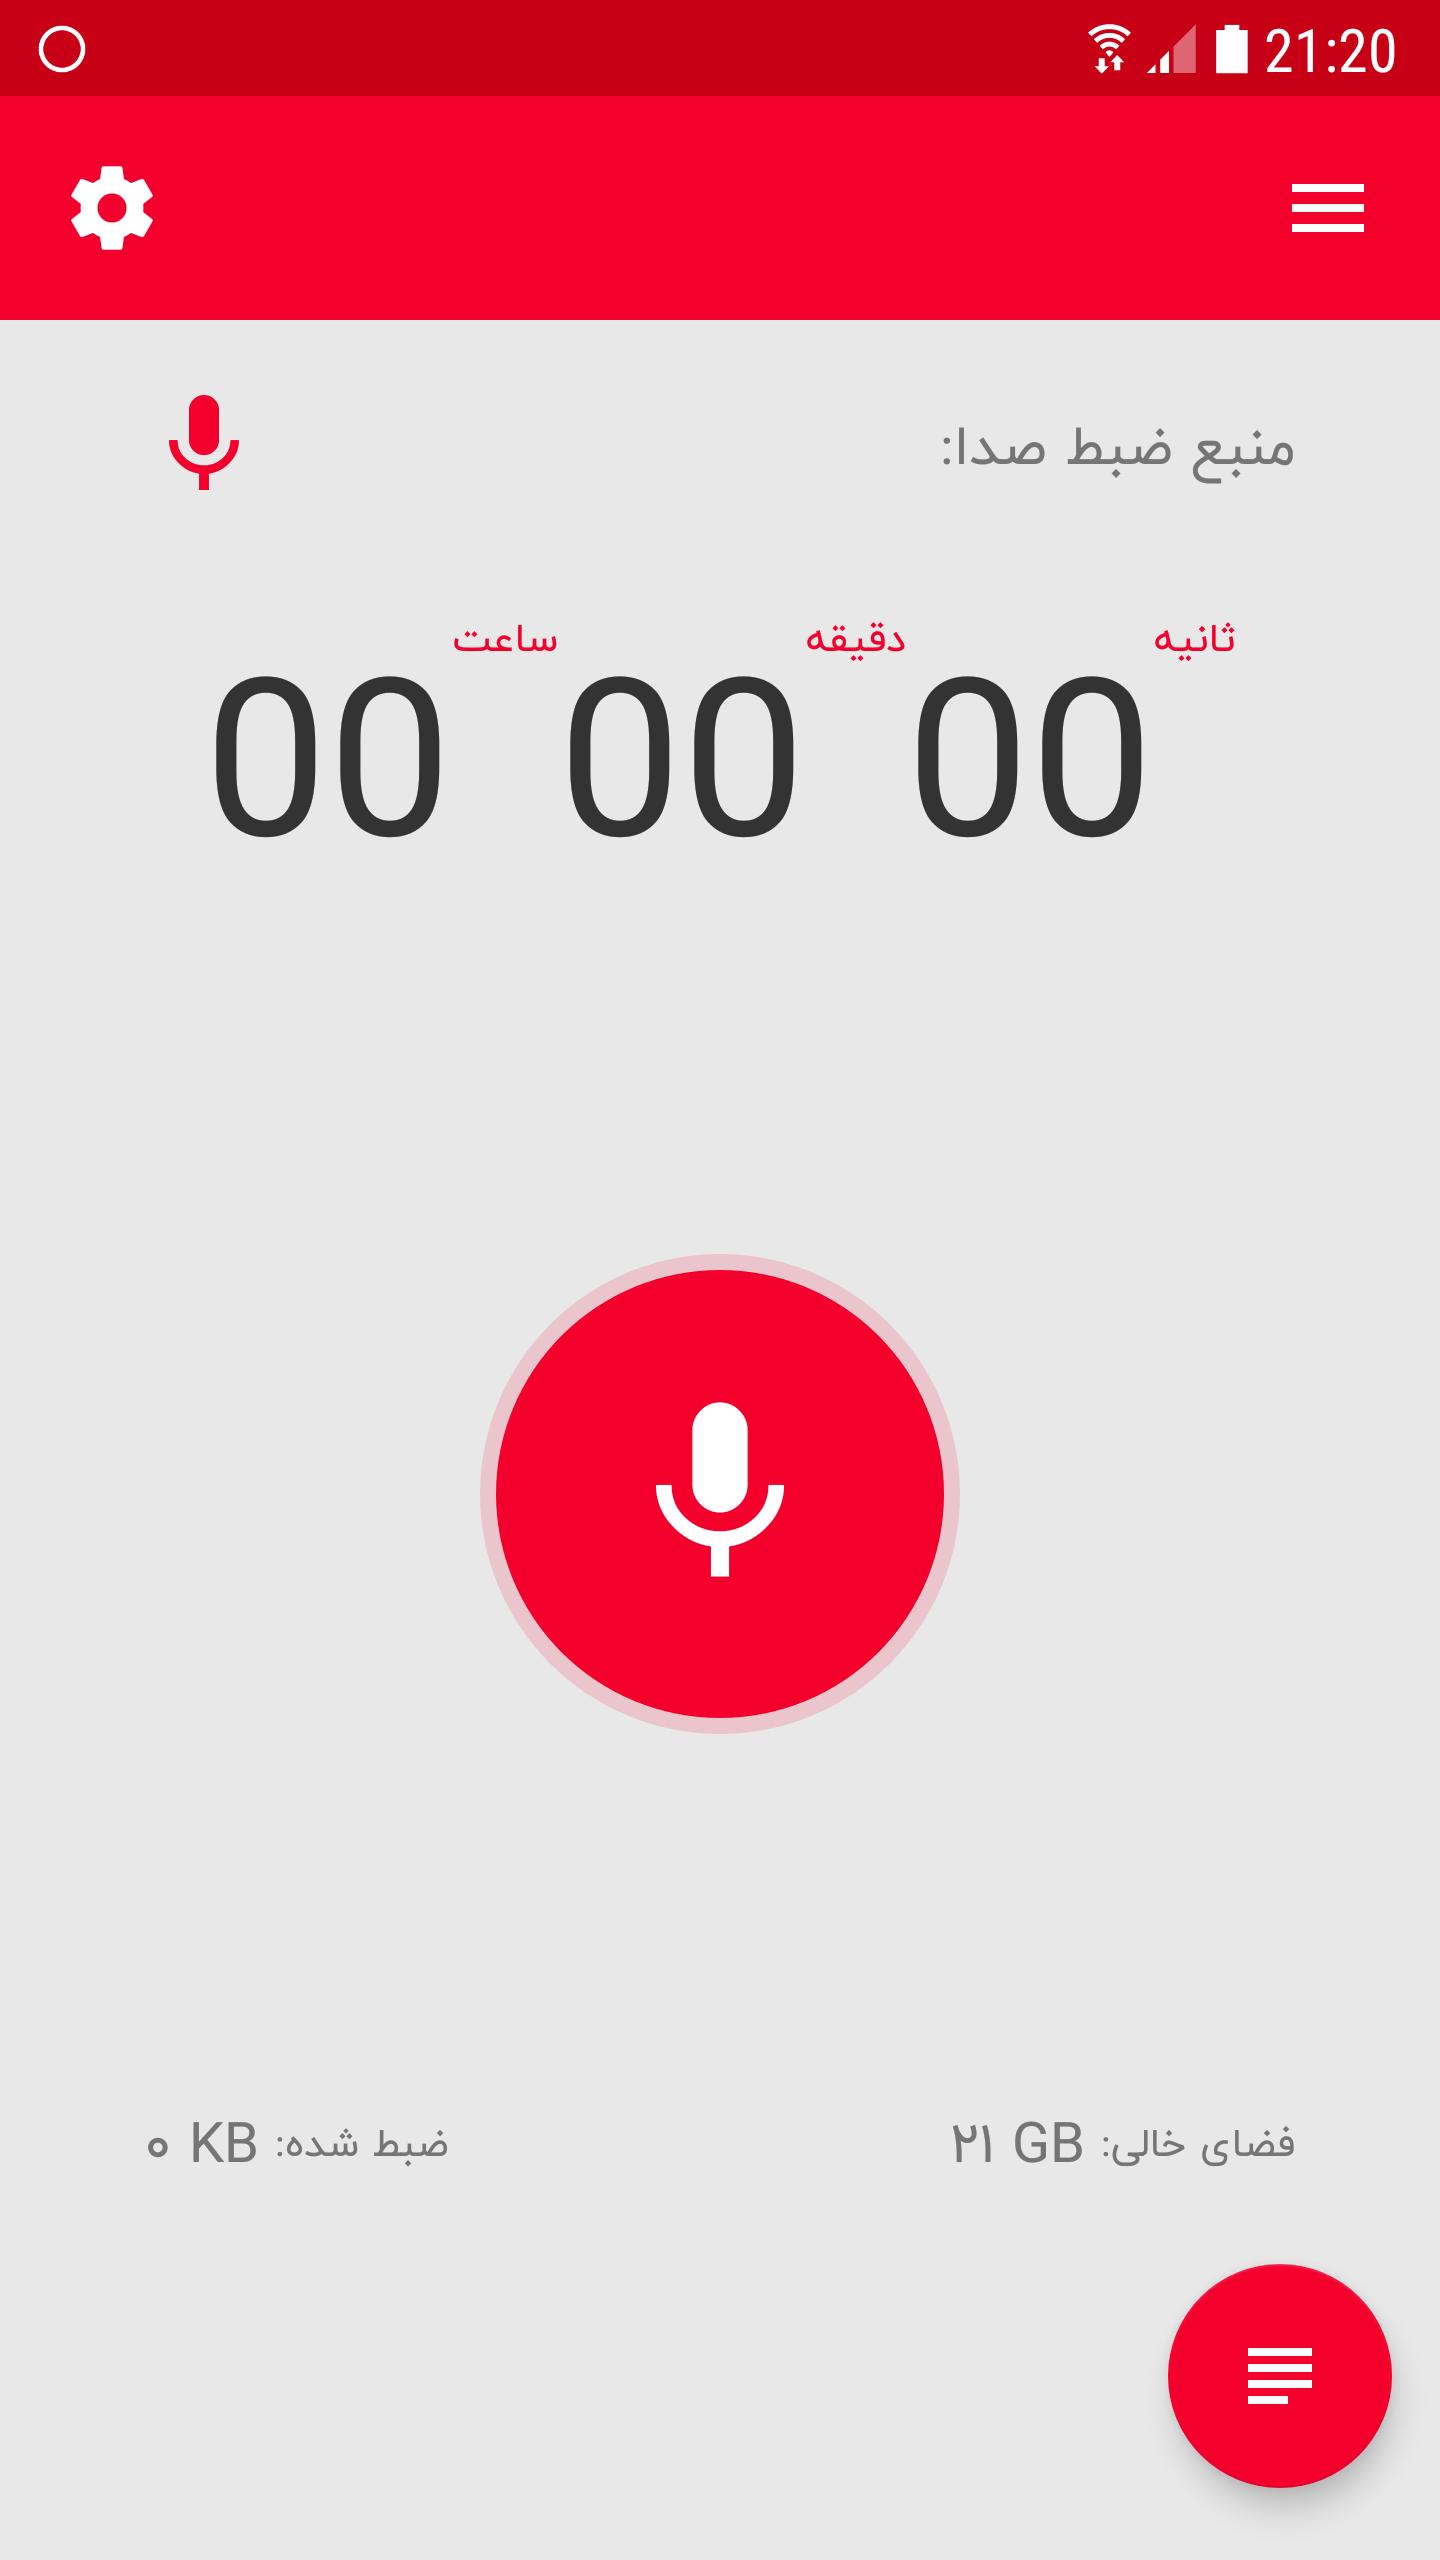 تصویر 2 ضبط صوت و تماسهای تلفنی